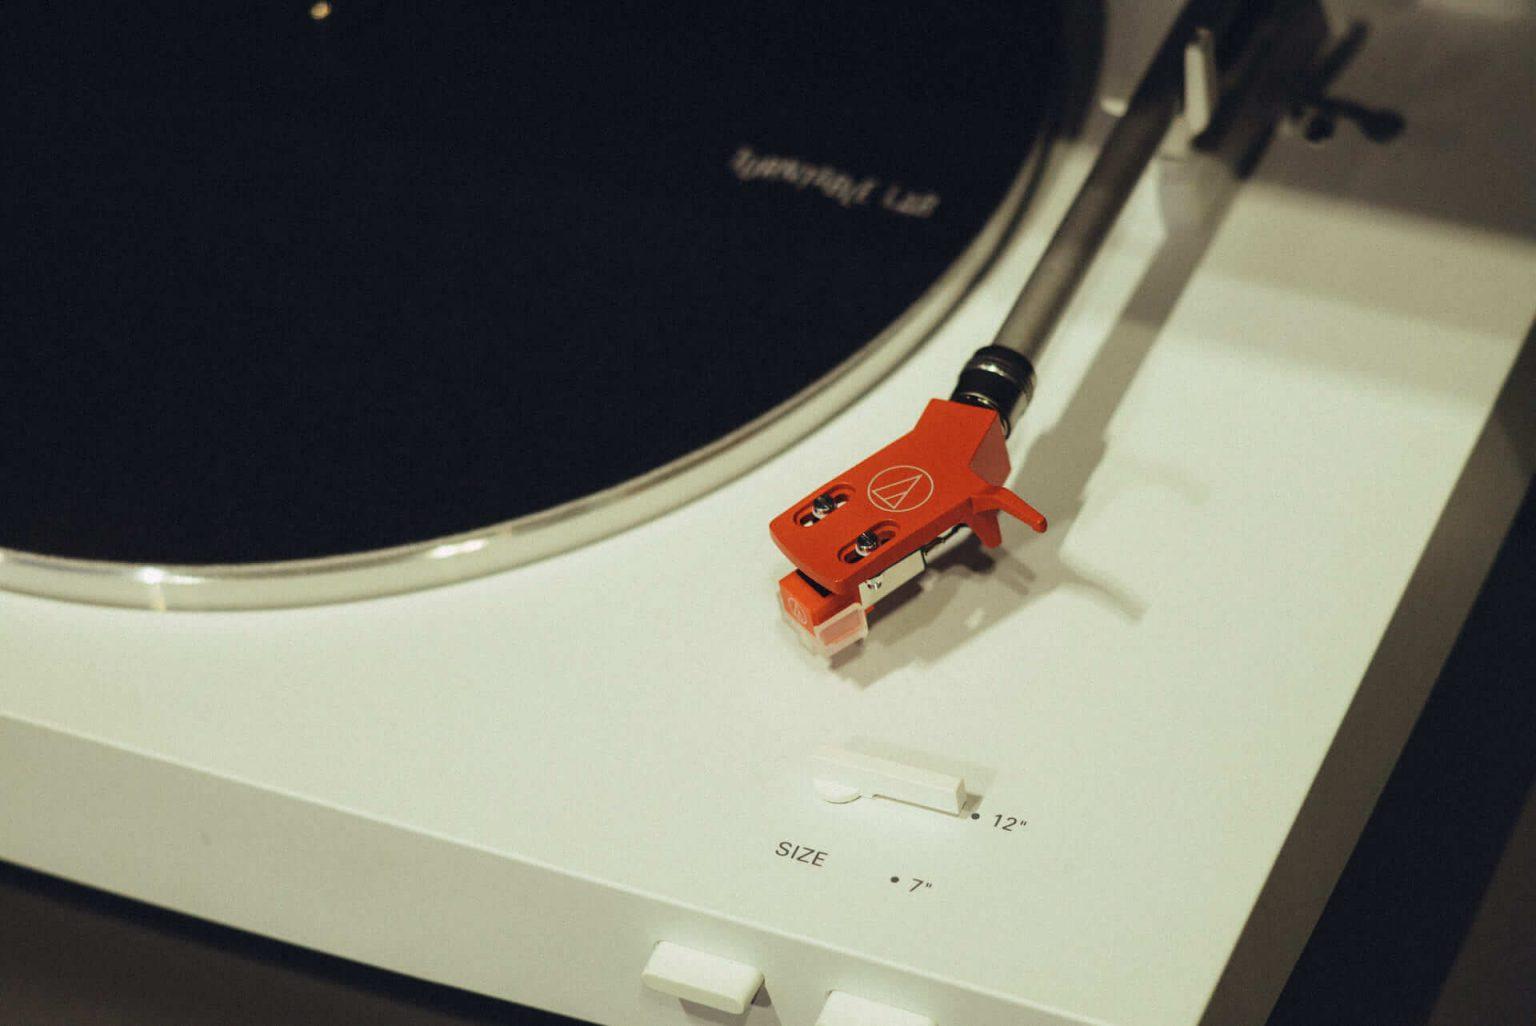 6_2620_AT_TTL-1440x962 1999年、NYC・大学寮の一室で始まったレコードショップの現在。すべてのDJに開かれた店「Turntable Lab」